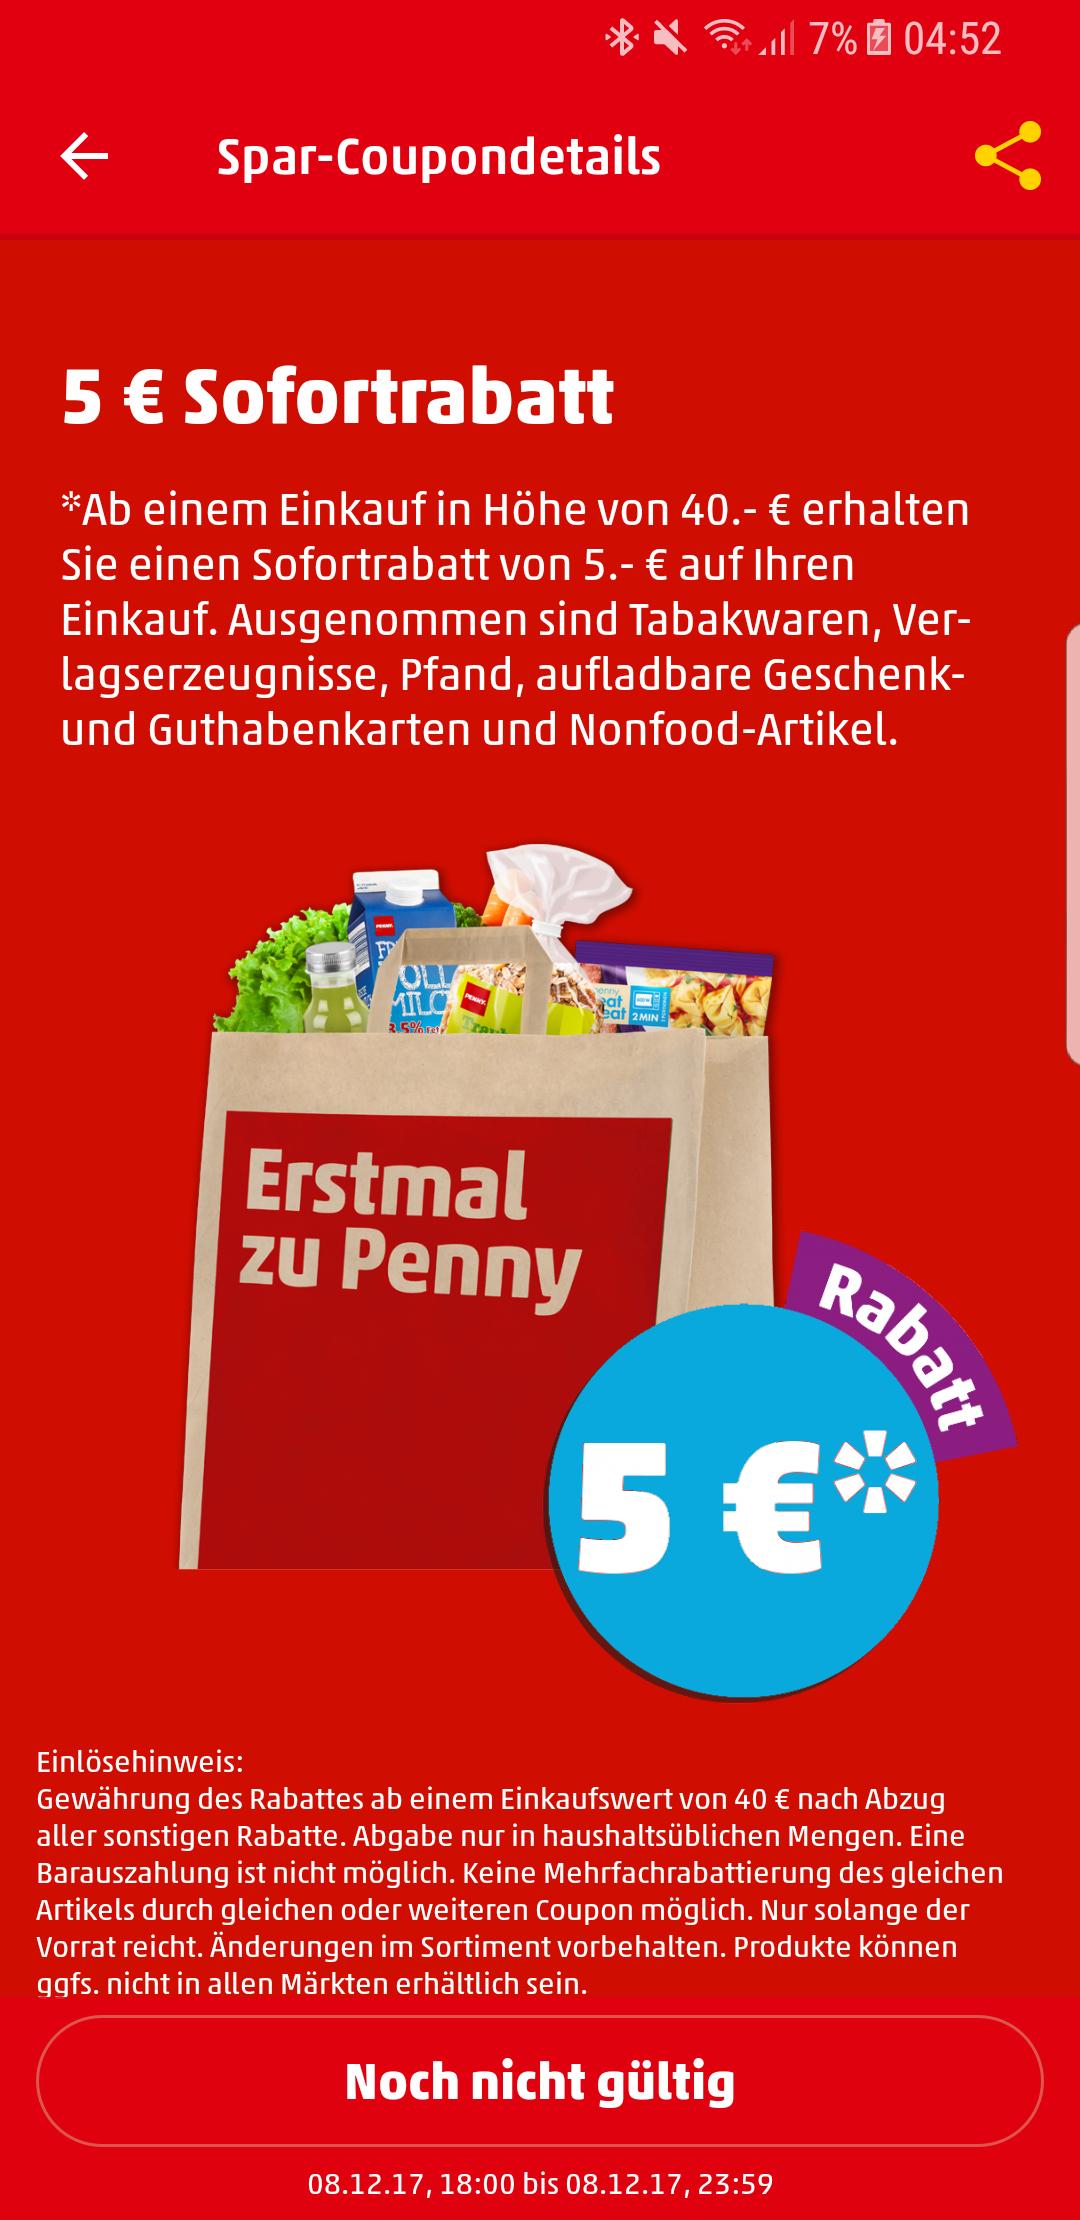 (Penny) 5€Abzug ab 40€ Einkaufswert am 8.12.17 ab 18 Uhr